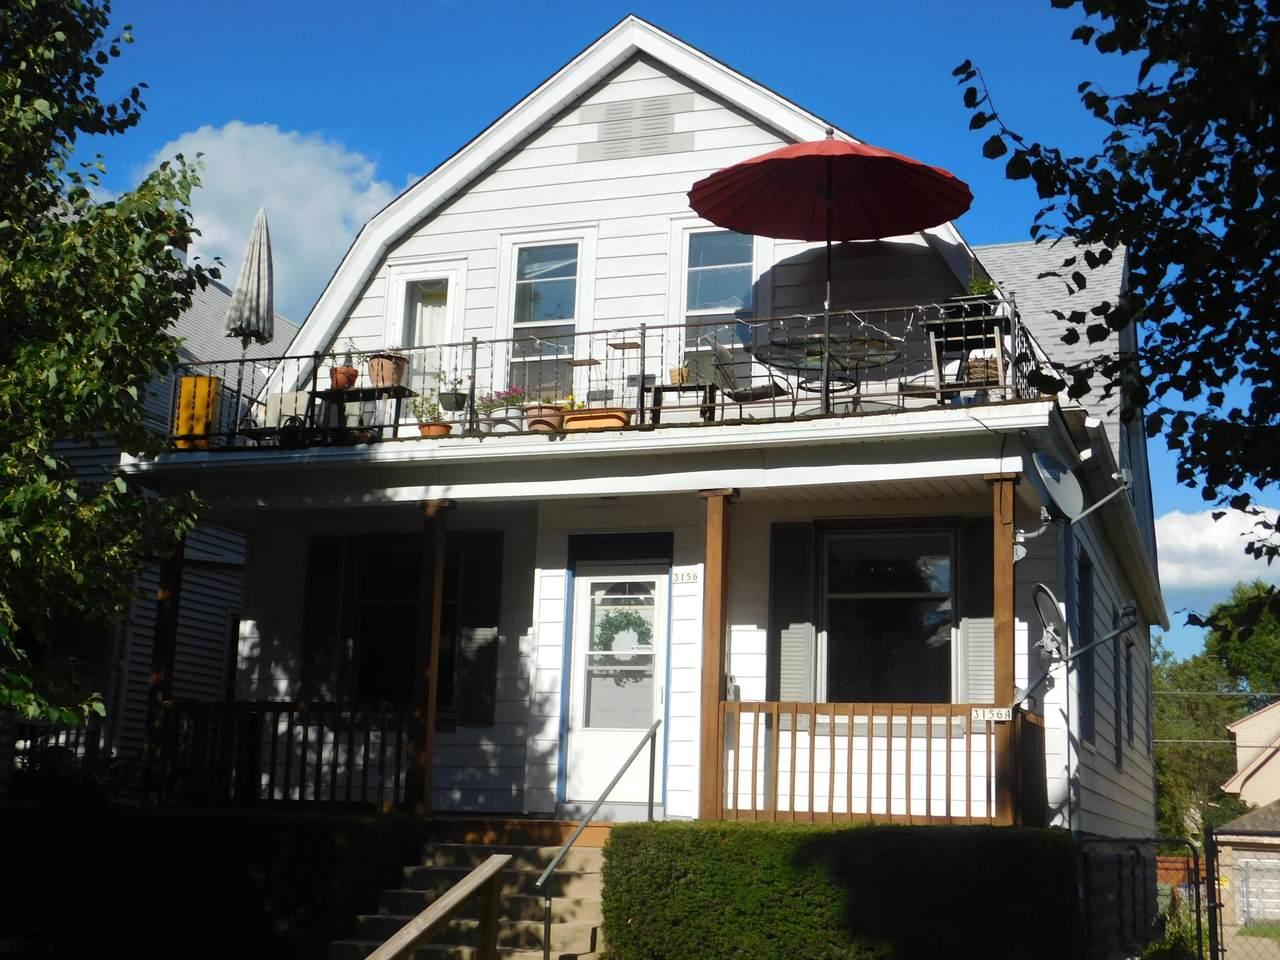 3156 Adams Ave - Photo 1